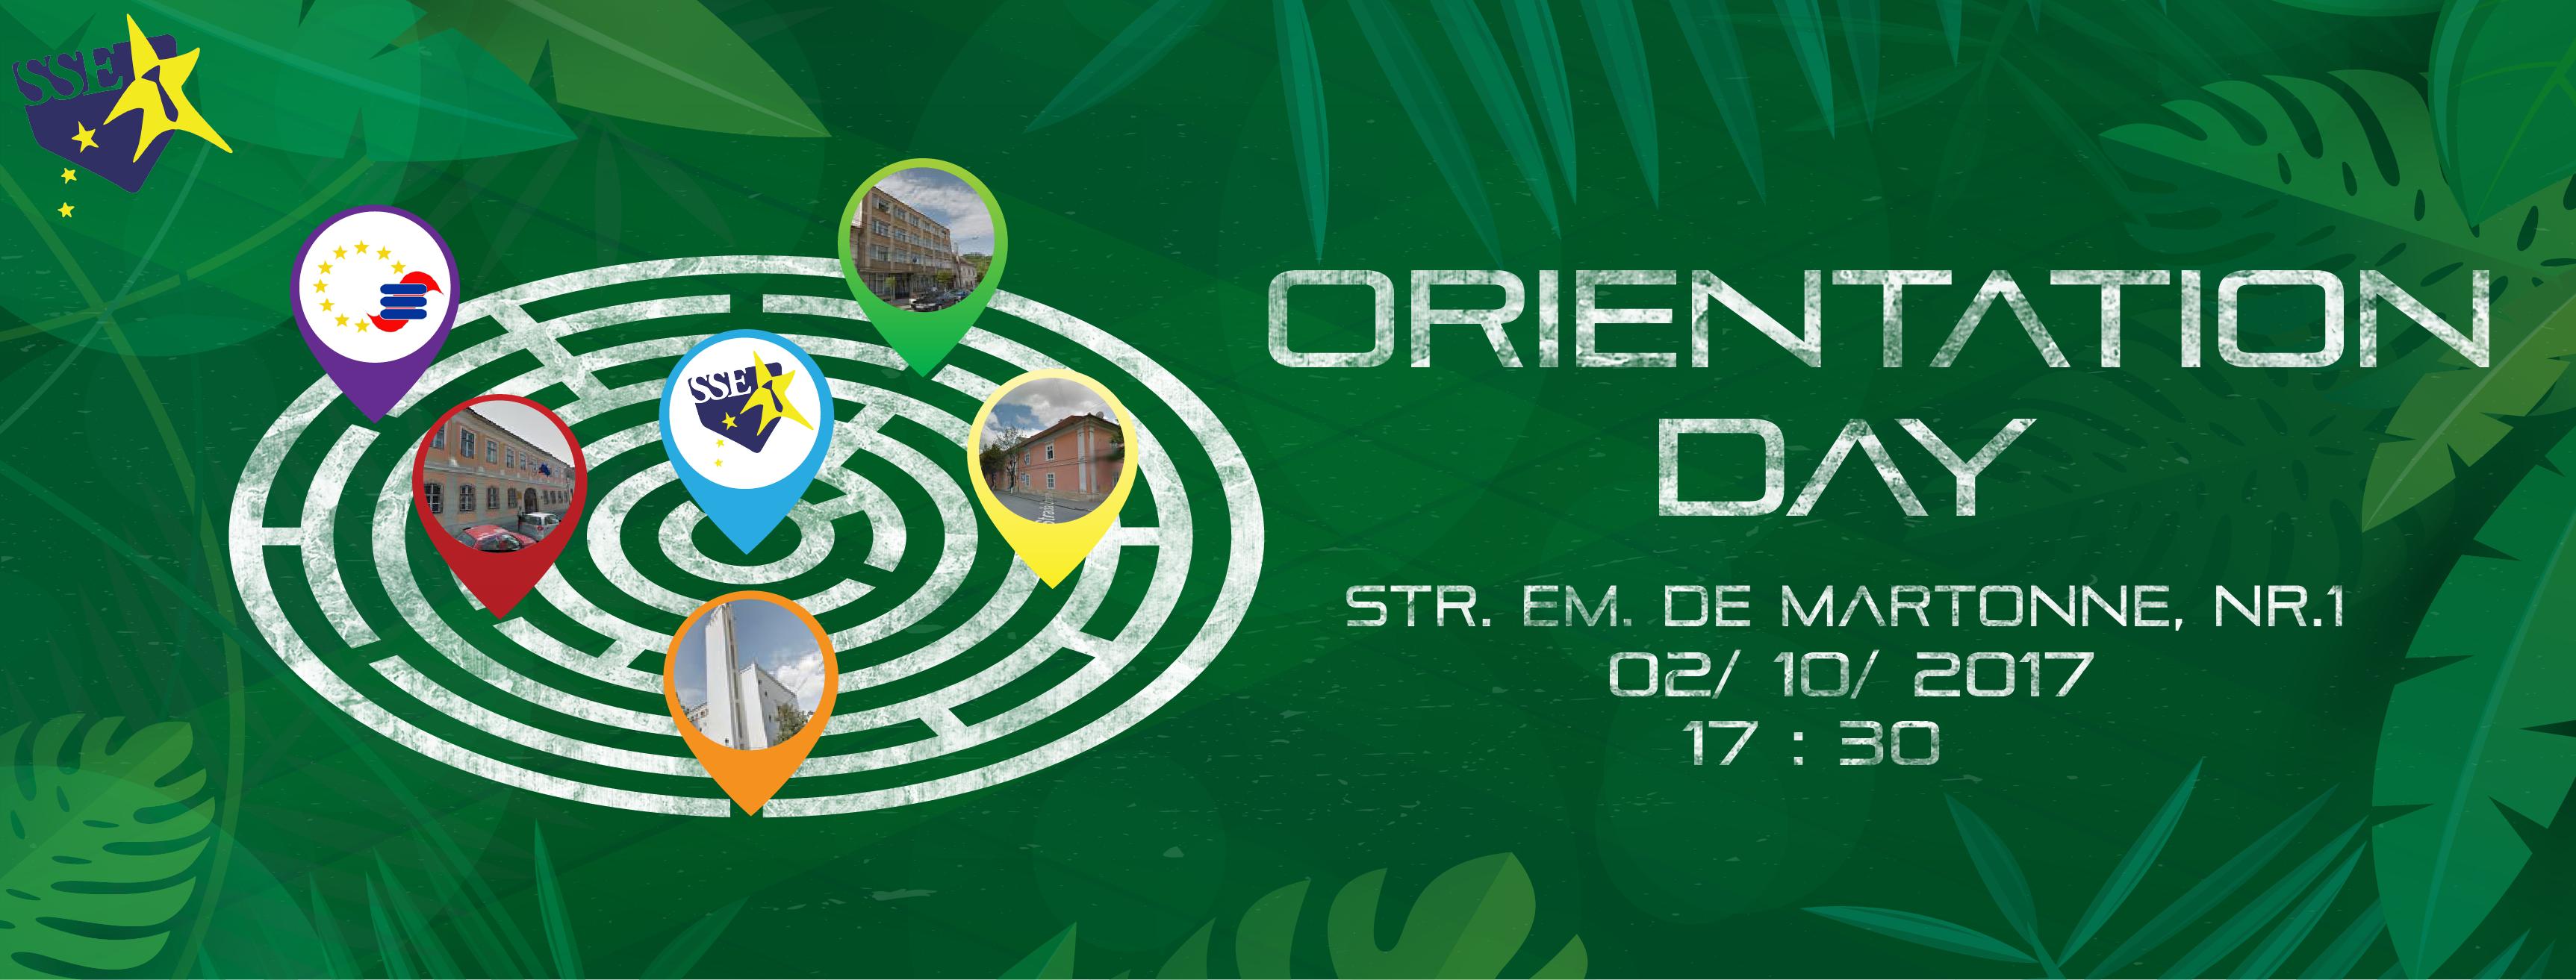 Orientation Day – Facultatea de Studii Europene